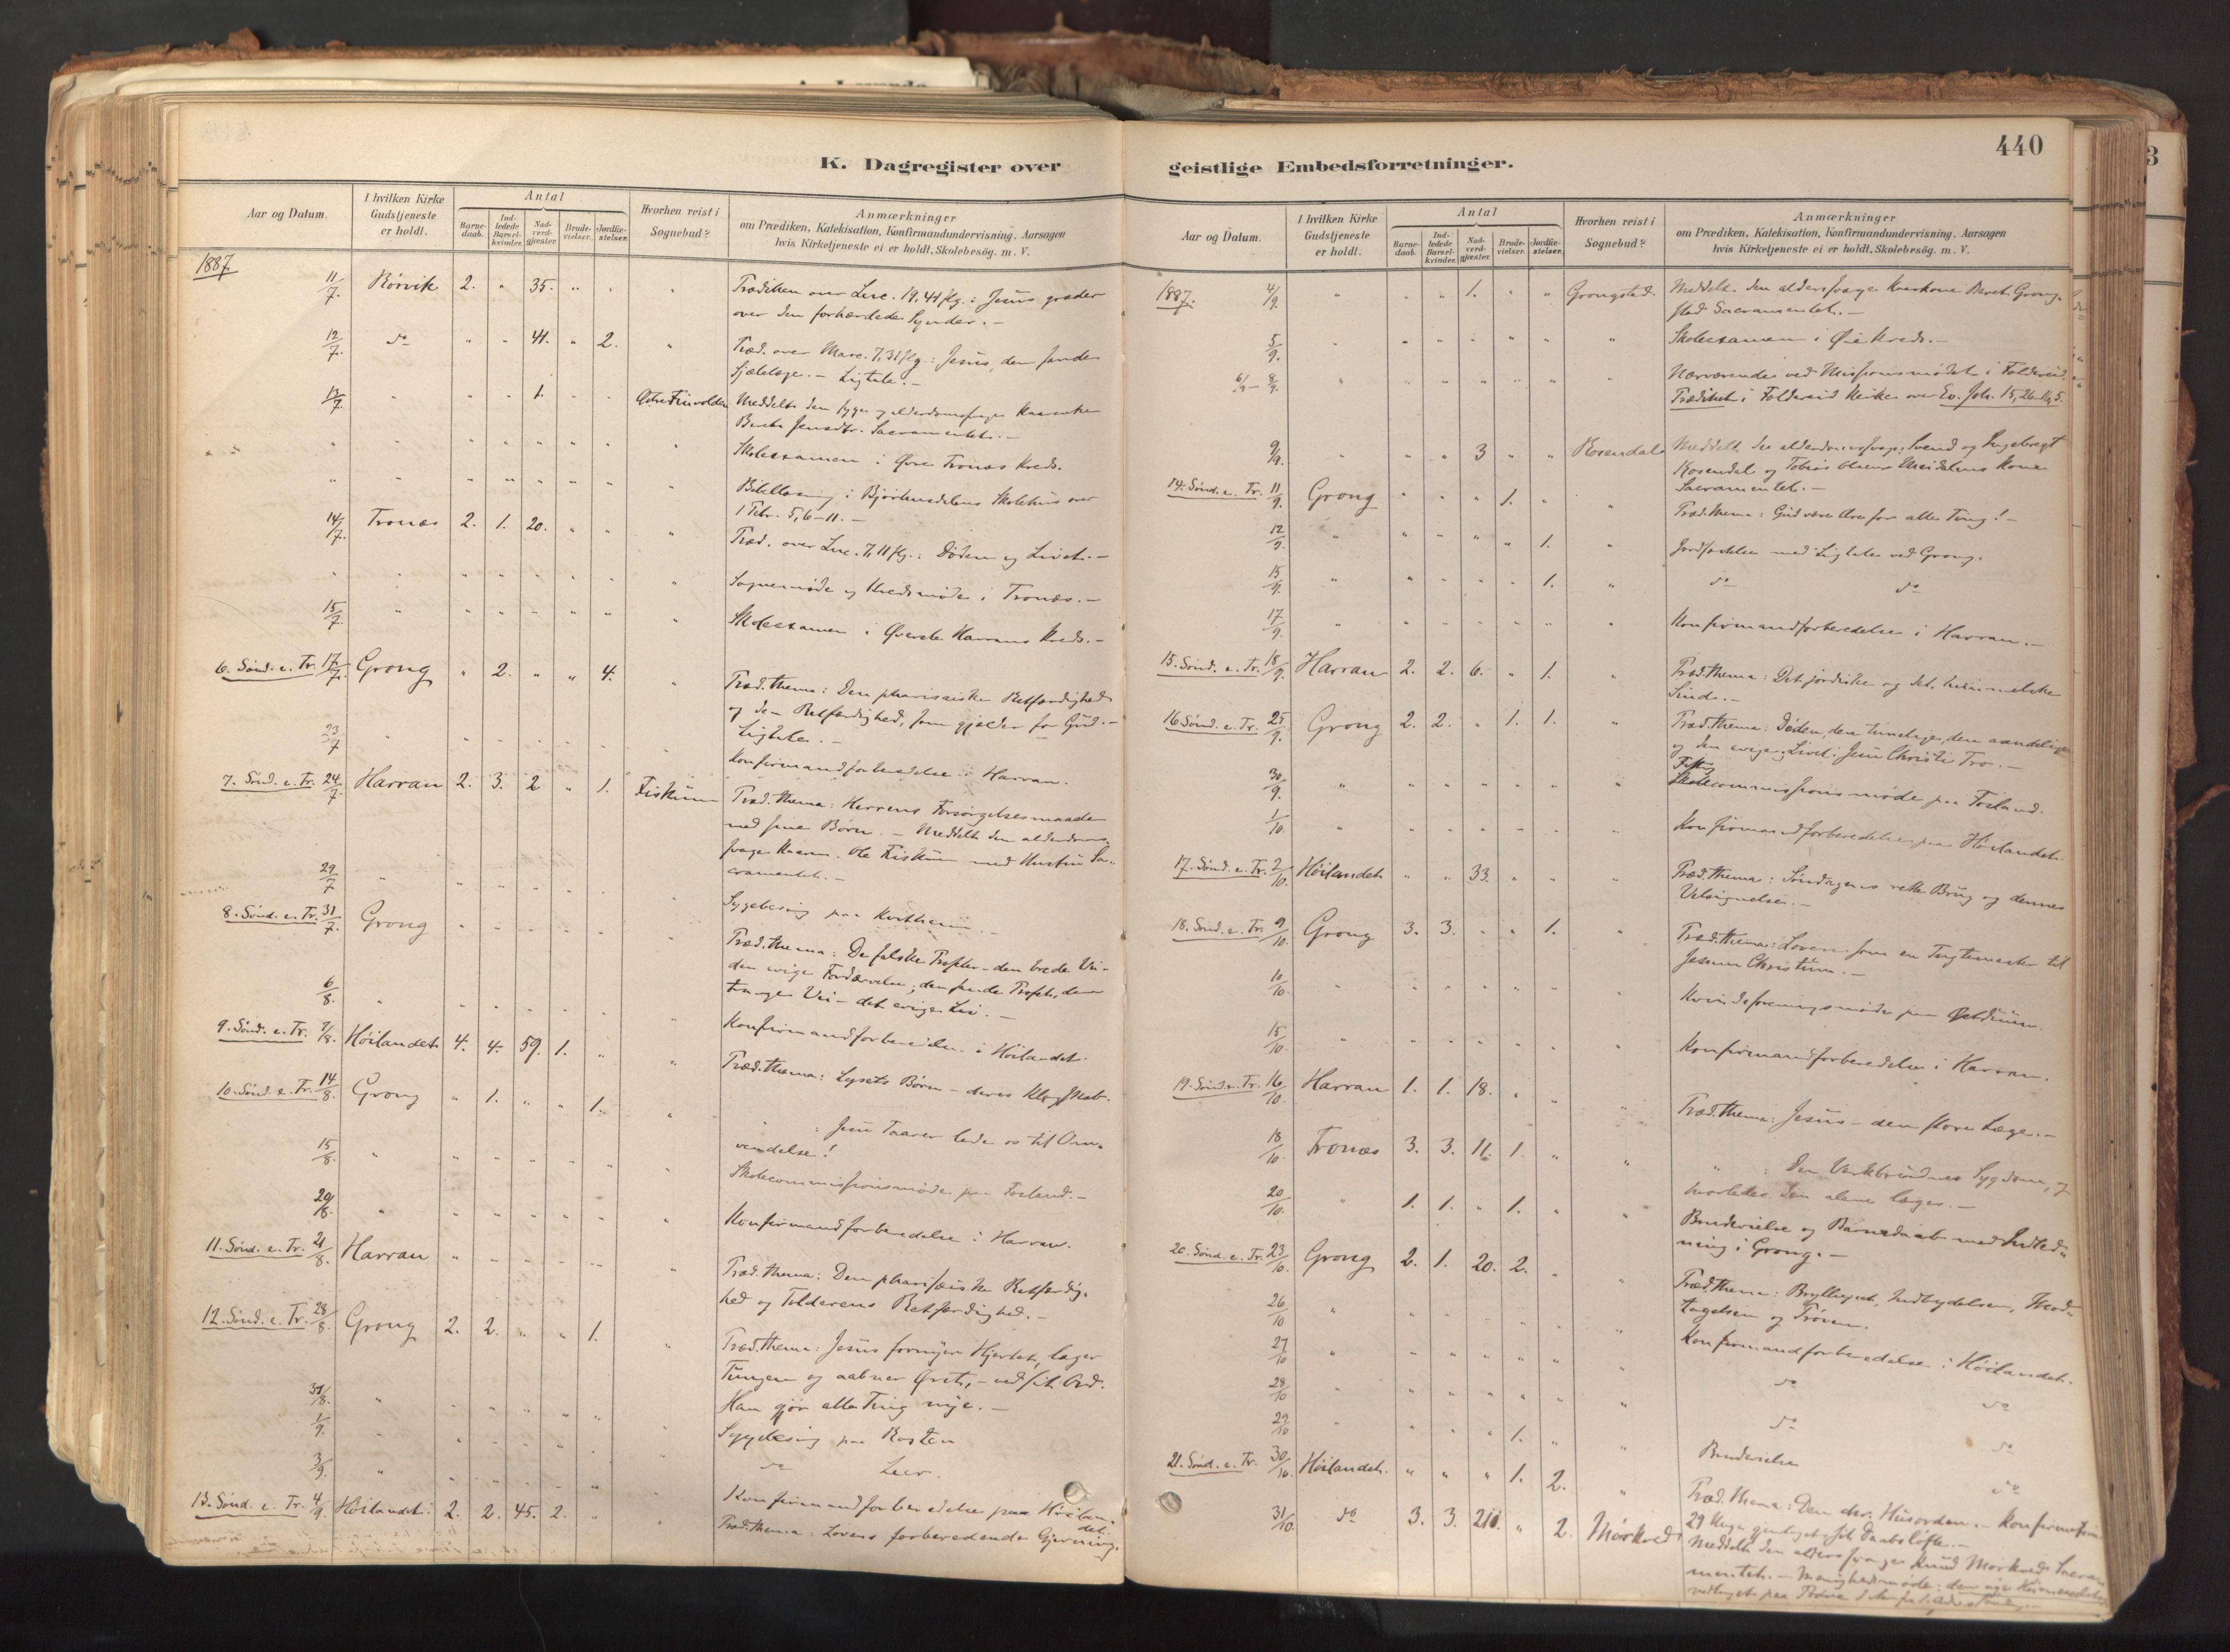 SAT, Ministerialprotokoller, klokkerbøker og fødselsregistre - Nord-Trøndelag, 758/L0519: Ministerialbok nr. 758A04, 1880-1926, s. 440